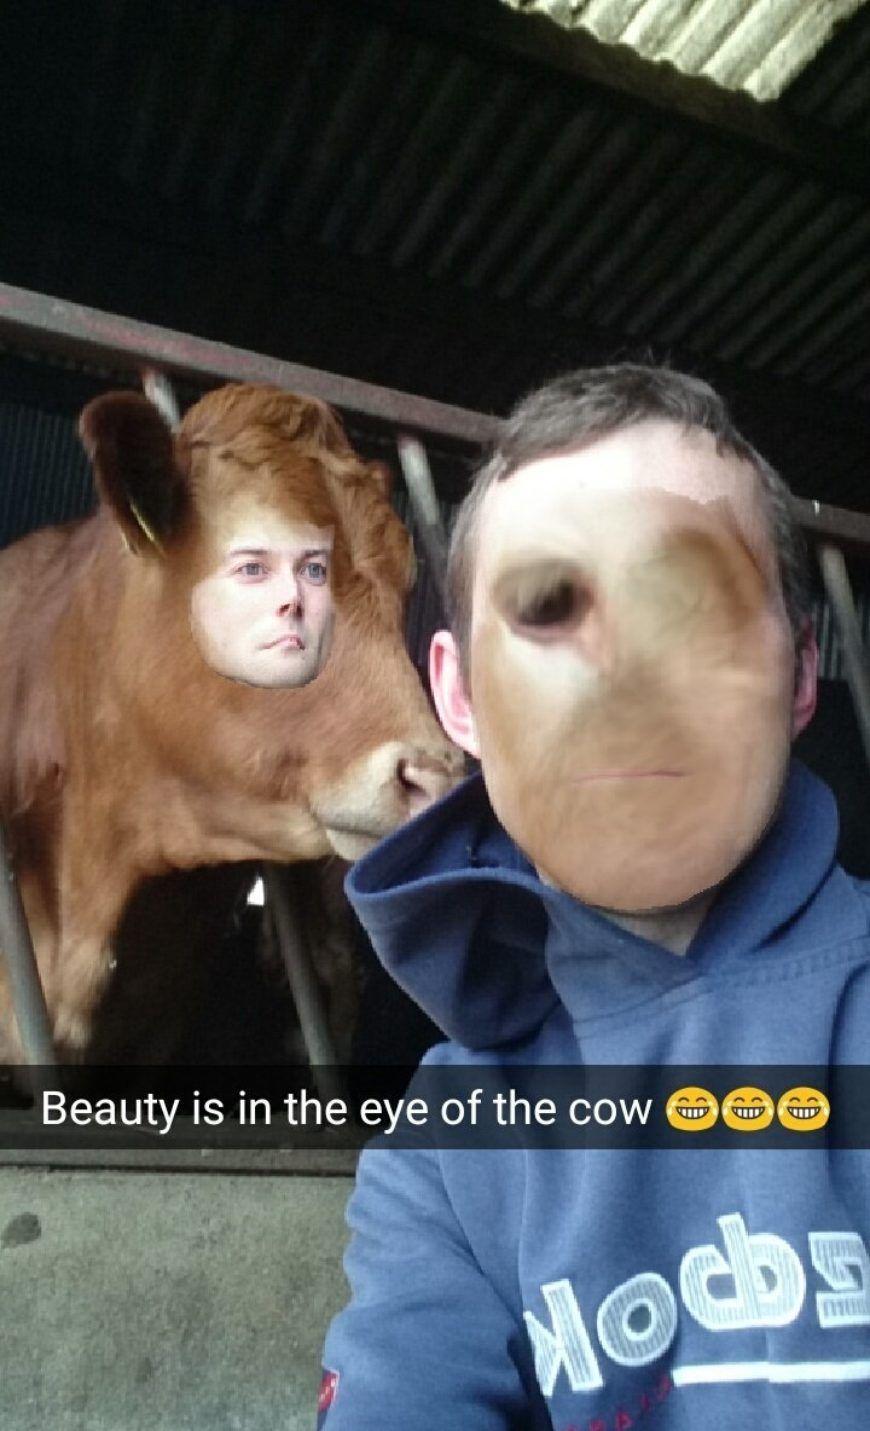 Cowswap